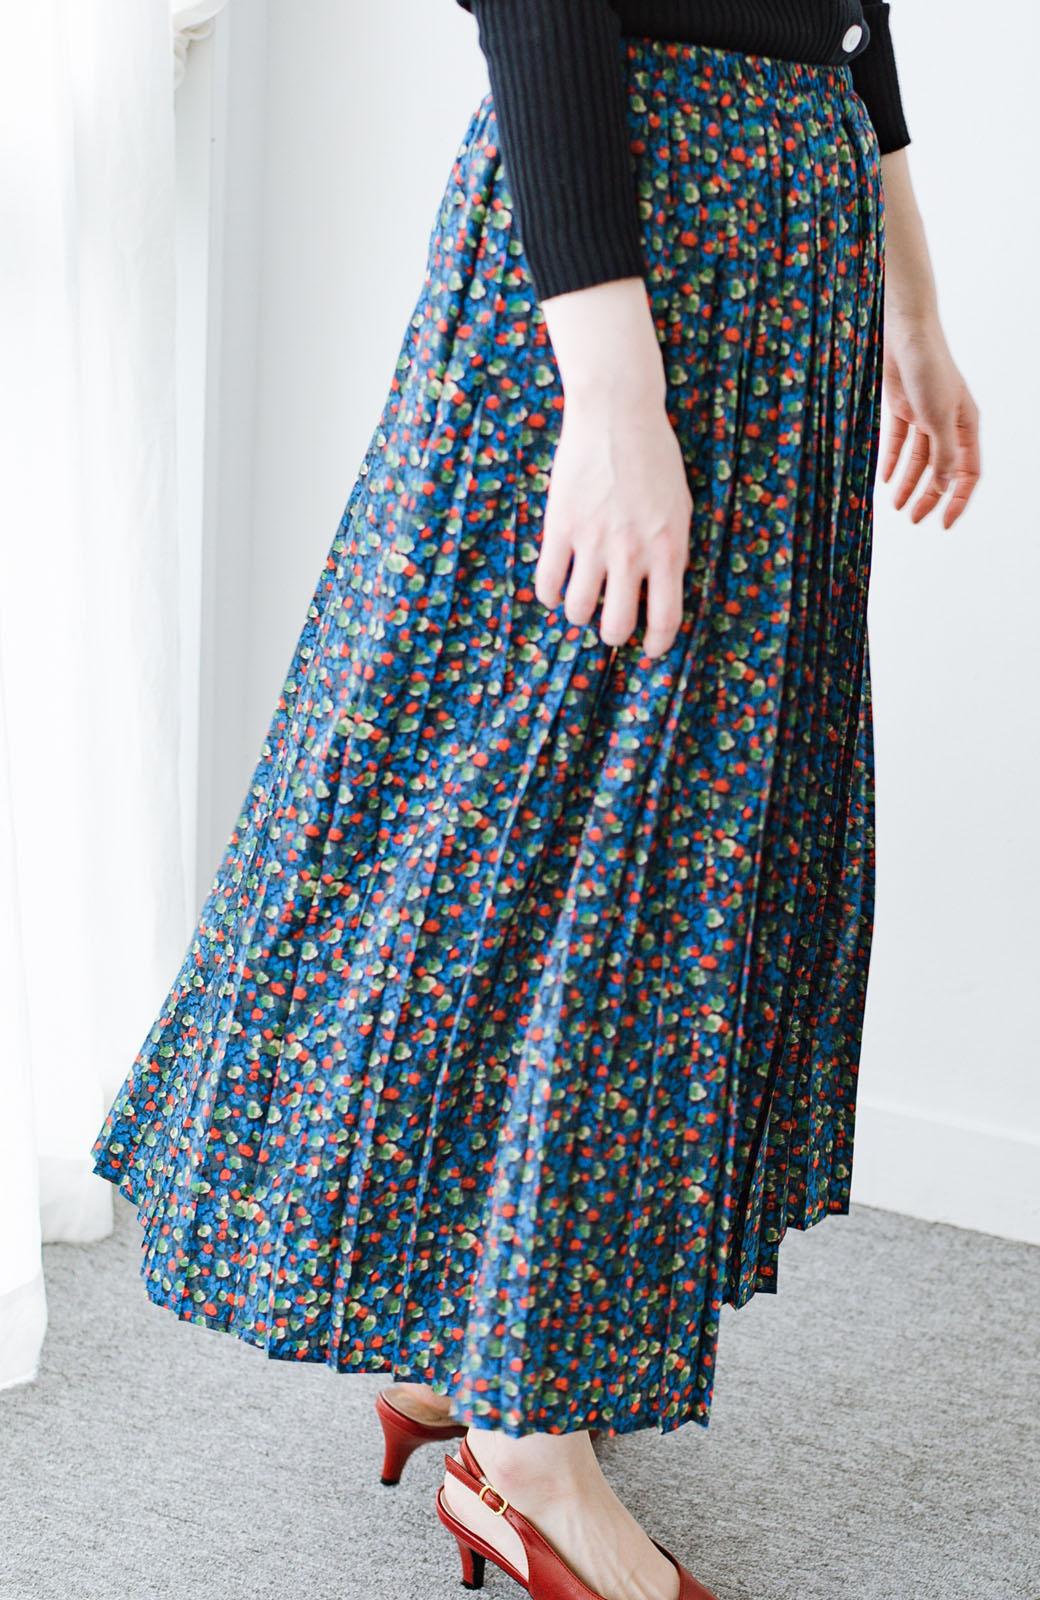 haco! これを着てお出かけしたくなる!はきやすくて気分が上がる花柄プリーツスカート <ブルー系その他>の商品写真6